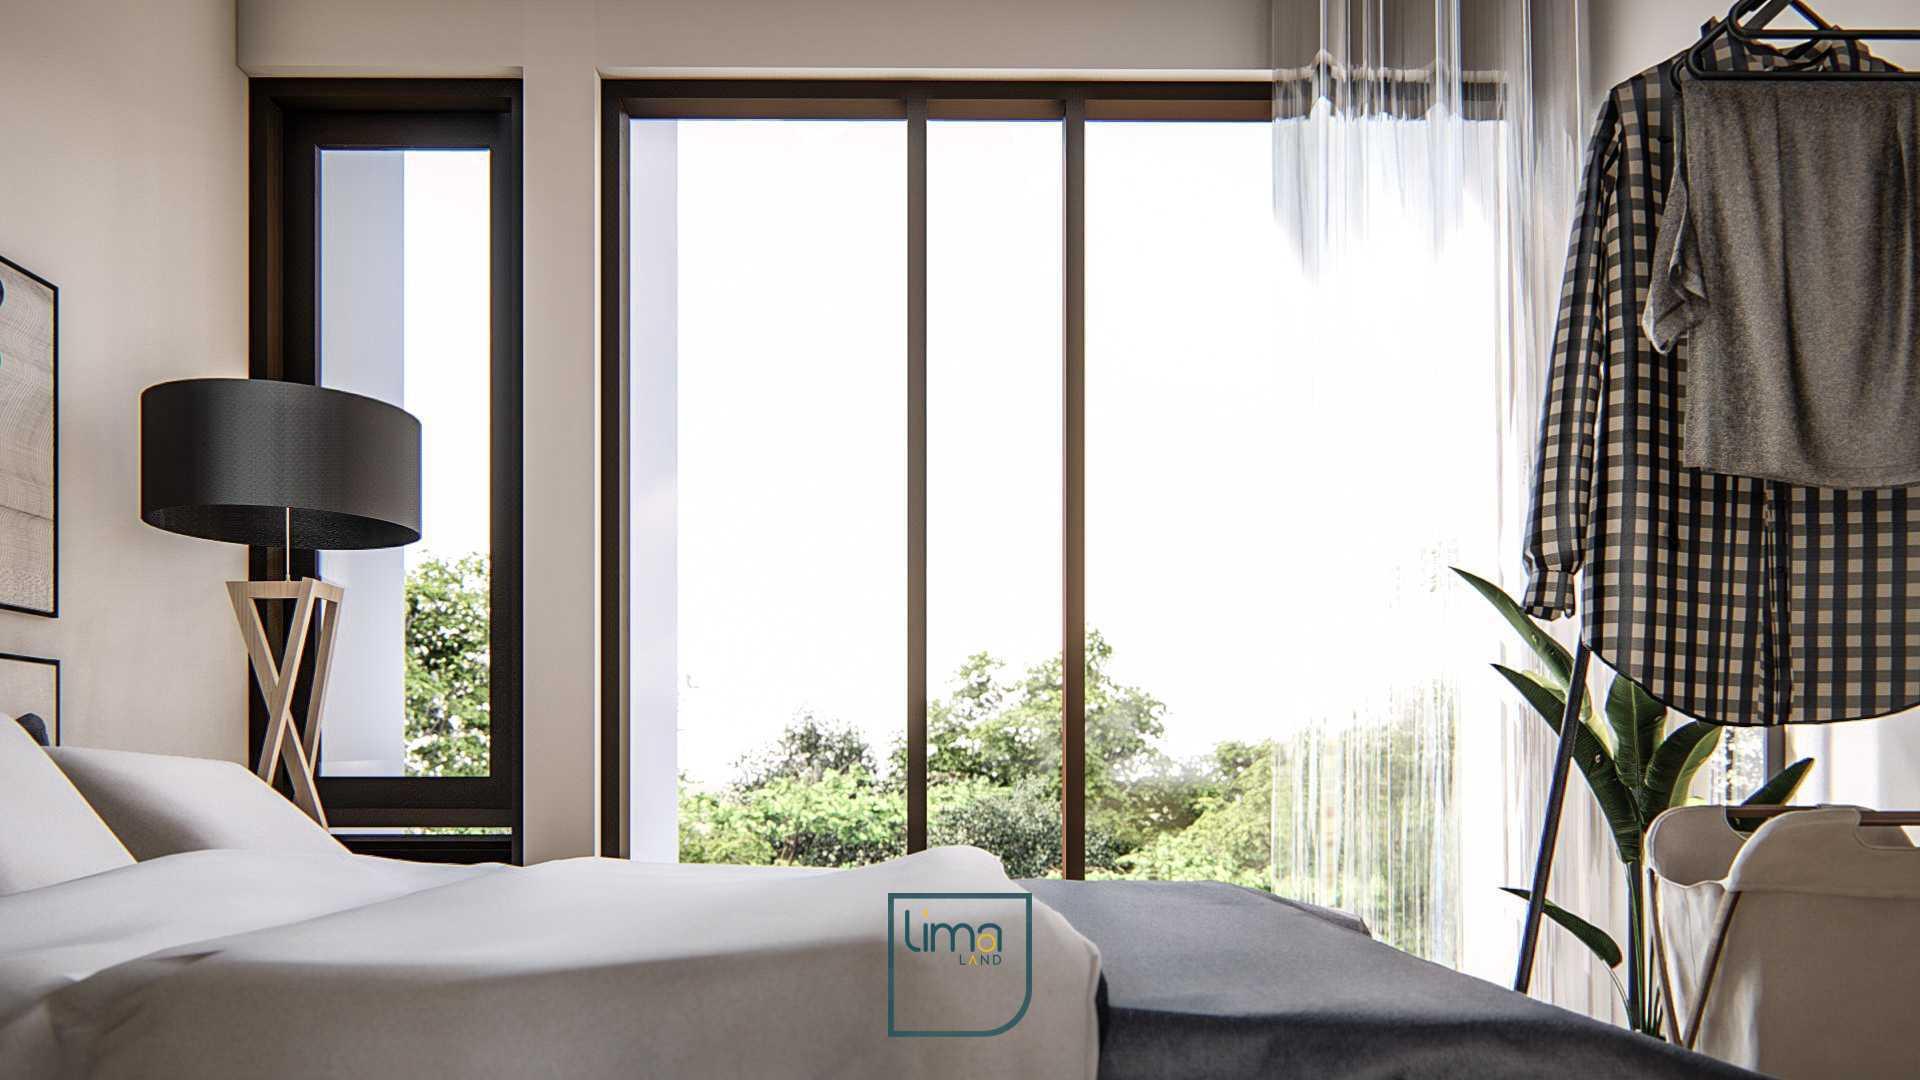 Atelier Lima Lima Land Surabaya, Kota Sby, Jawa Timur, Indonesia Surabaya, Kota Sby, Jawa Timur, Indonesia Atelier-Lima-Lima-Land  101776